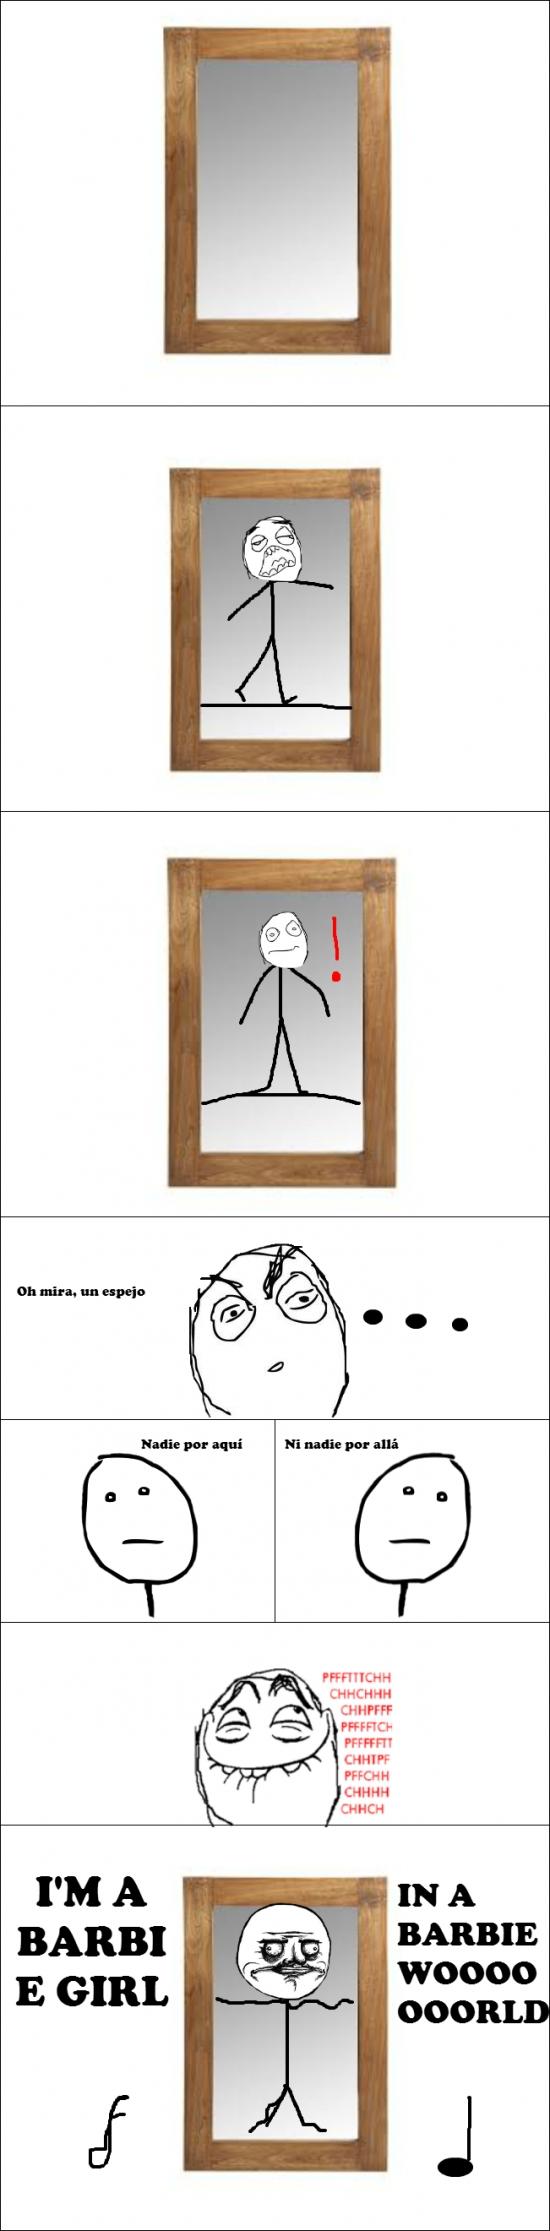 Me_gusta - Todos lo hemos hecho delante de un espejo...